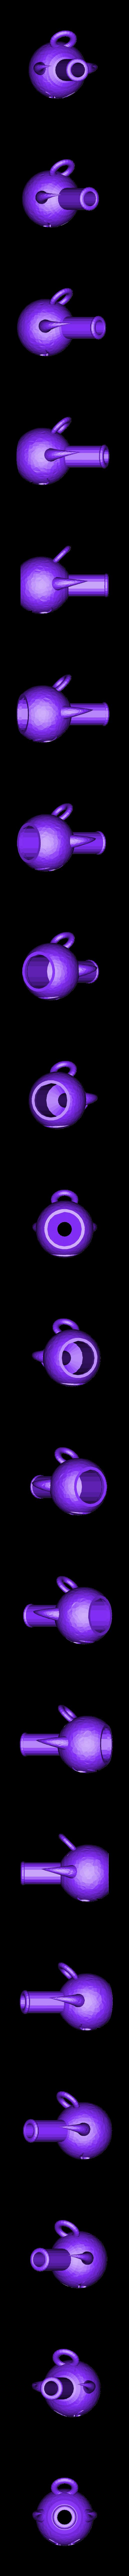 BoquillaEmojiDevil.stl Télécharger fichier STL gratuit Cachimba / Shisha Emoji Embouchure du diable • Design pour impression 3D, Shisha3D